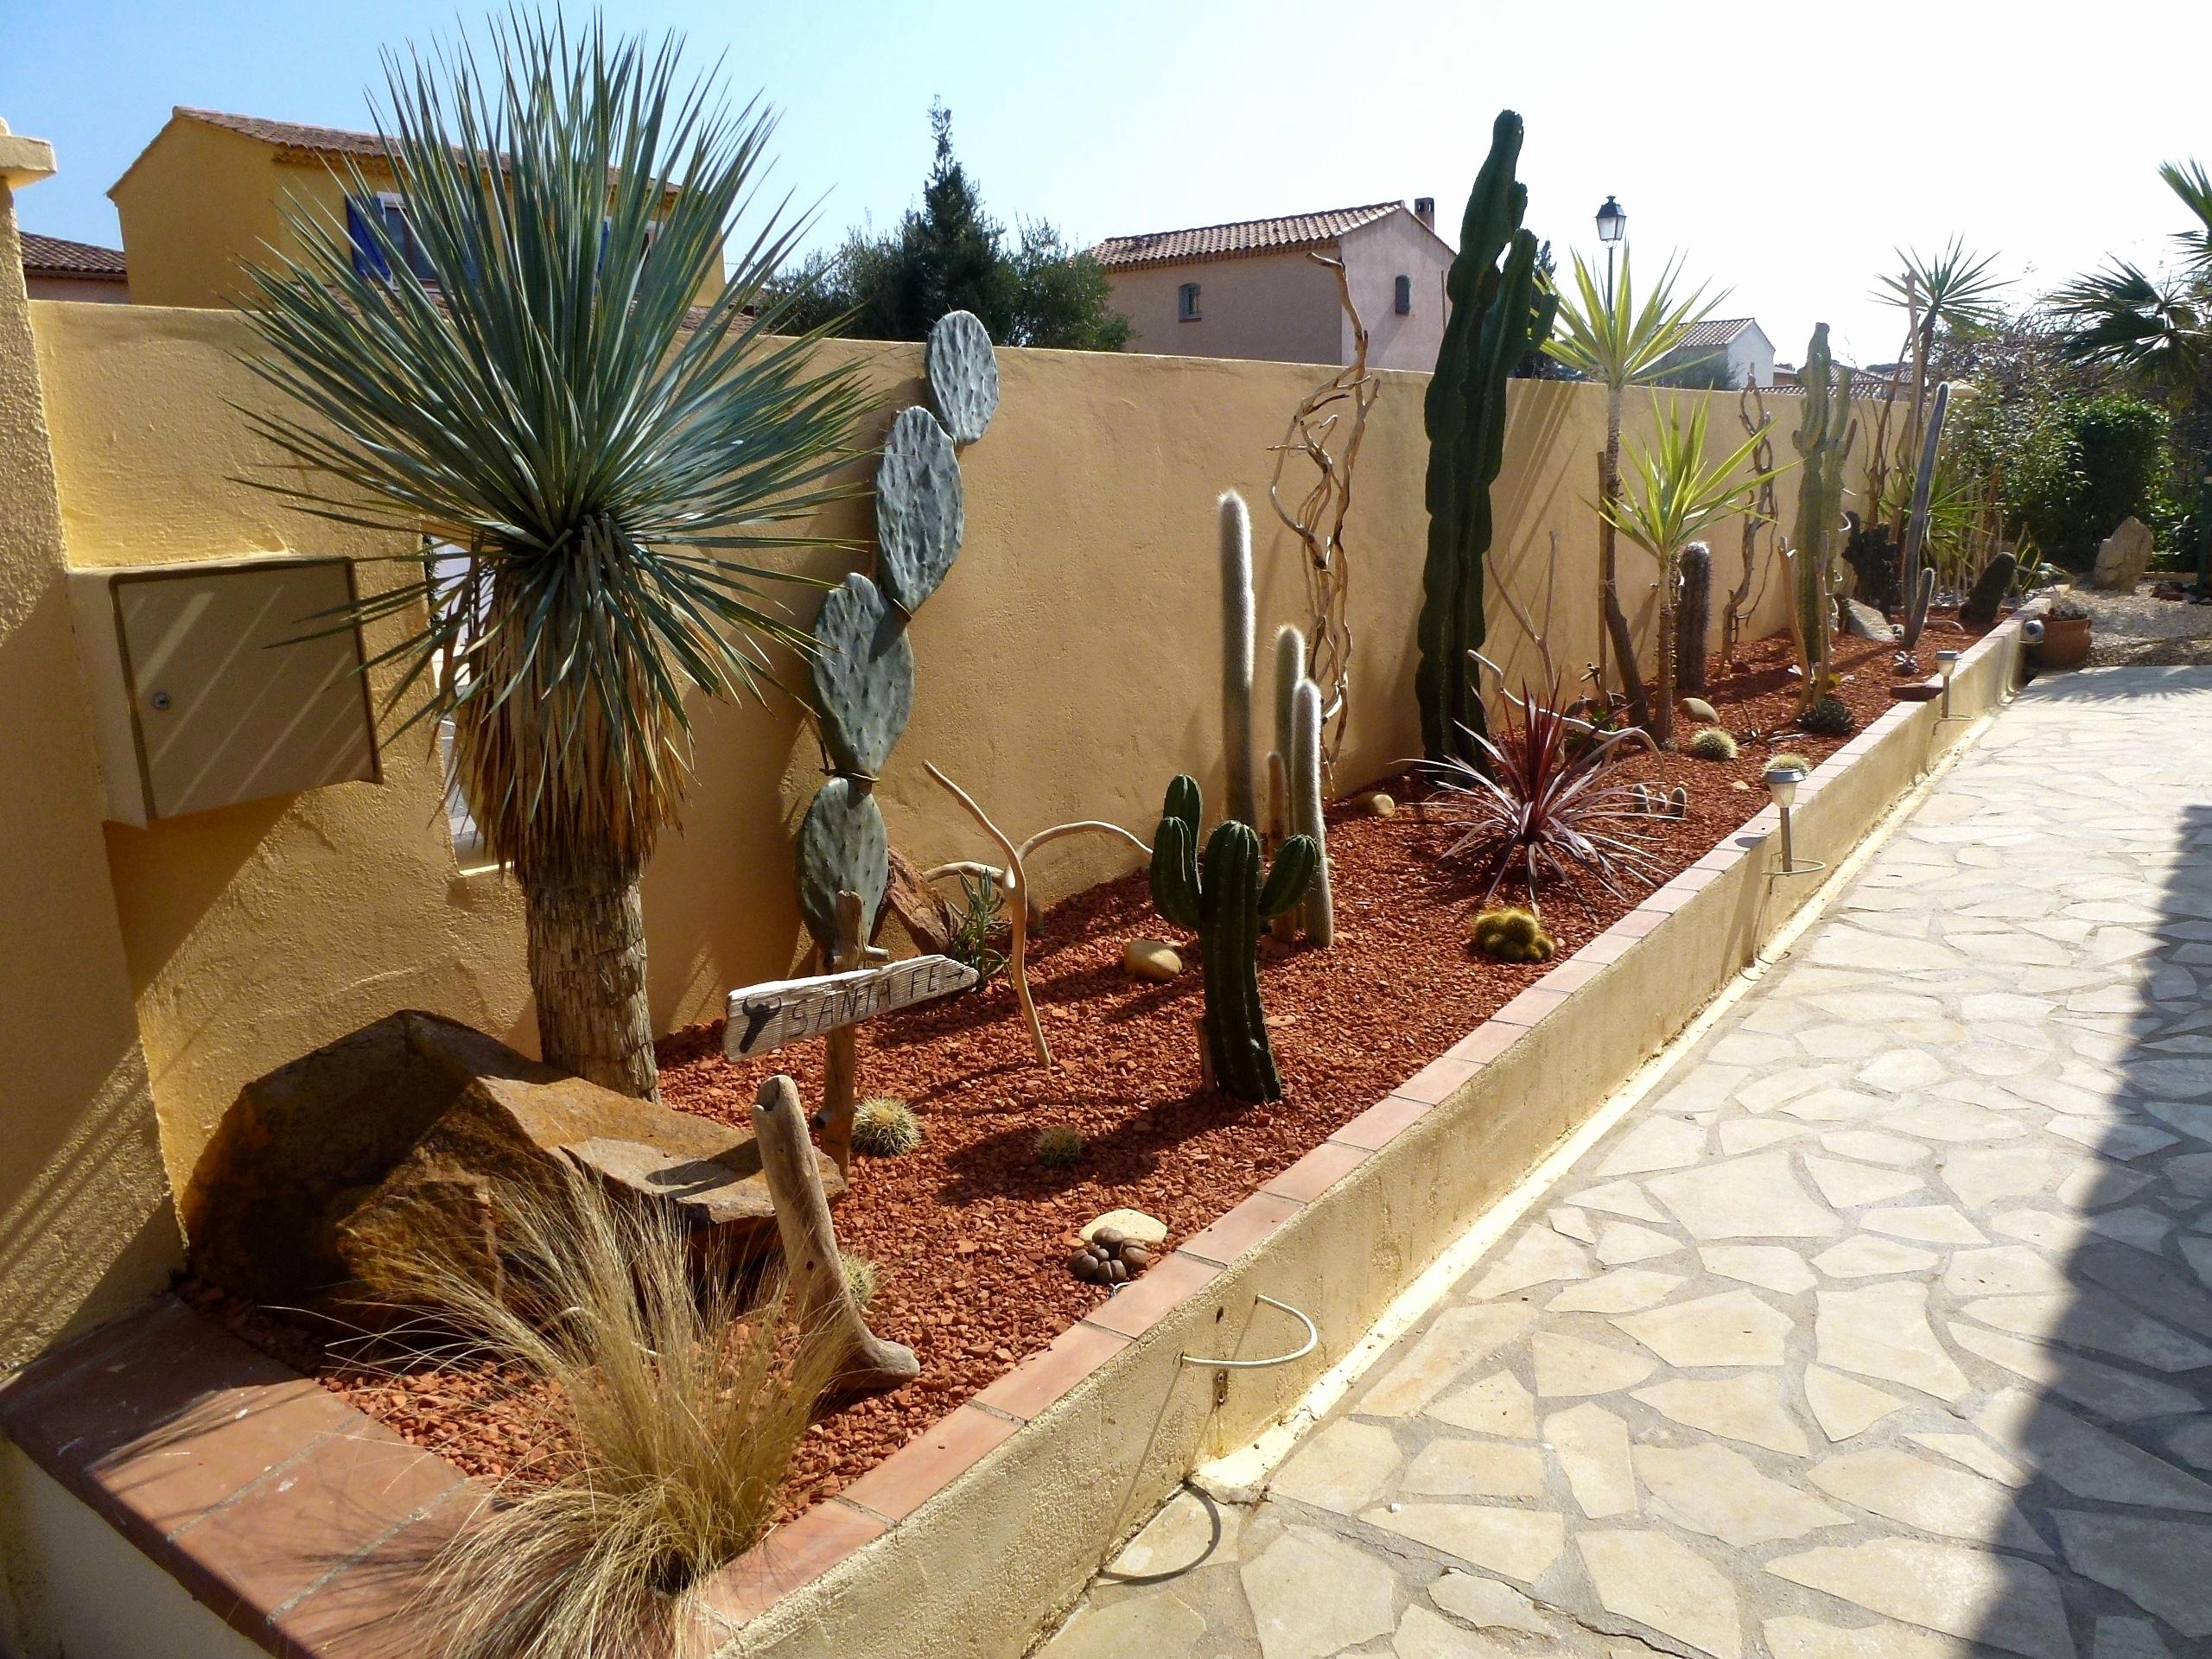 Bordure Jardin Moderne Nouveau Stock Brique Bordure Jardin Impressionnant Bordure De Jardin En Pierre De